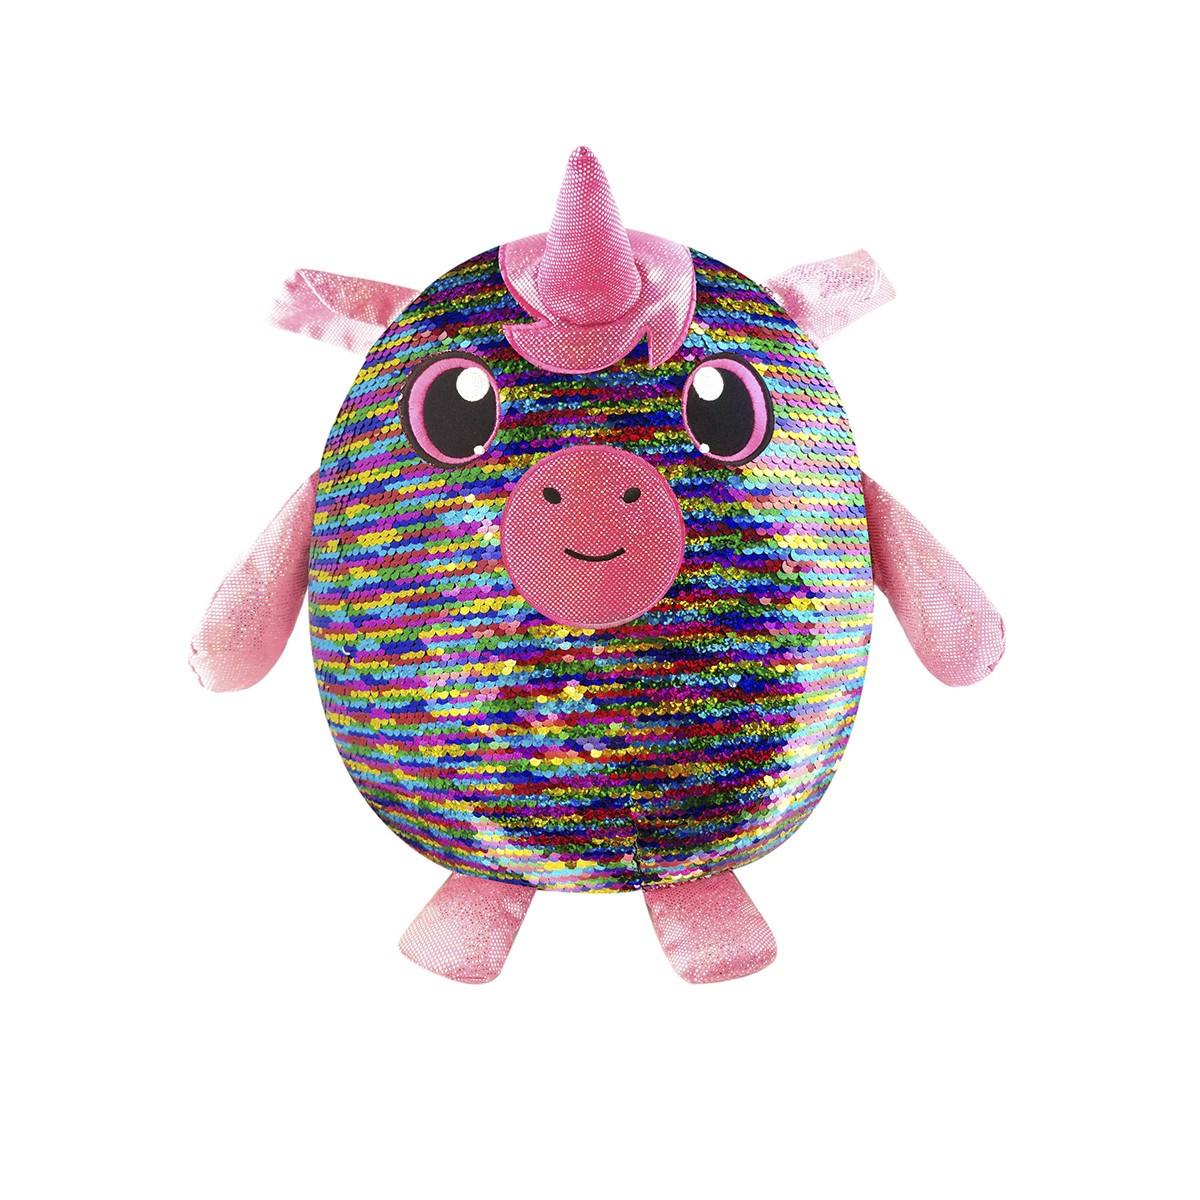 М'яка іграшка з паєтками Shimmeez Чарівний єдиноріг 20 см